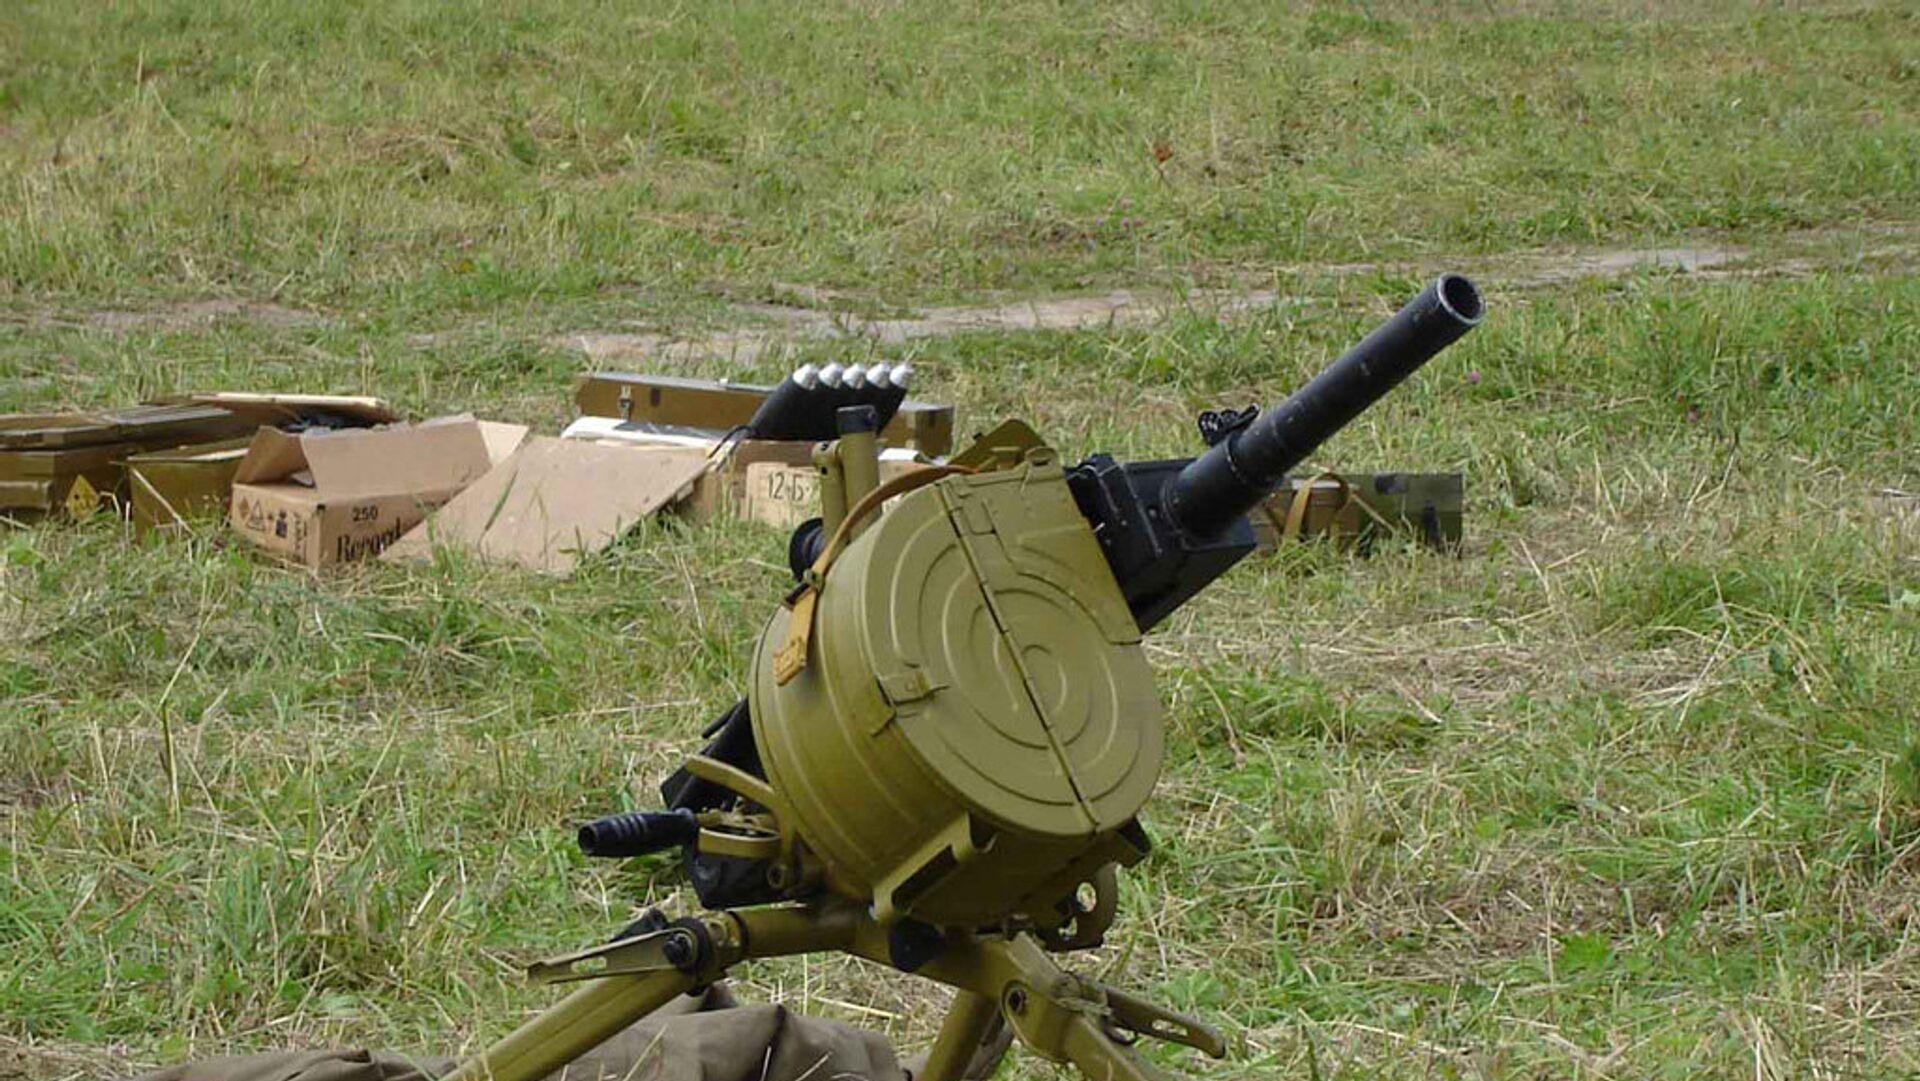 Автоматический станковый гранатомет - Sputnik Армения, 1920, 23.09.2021